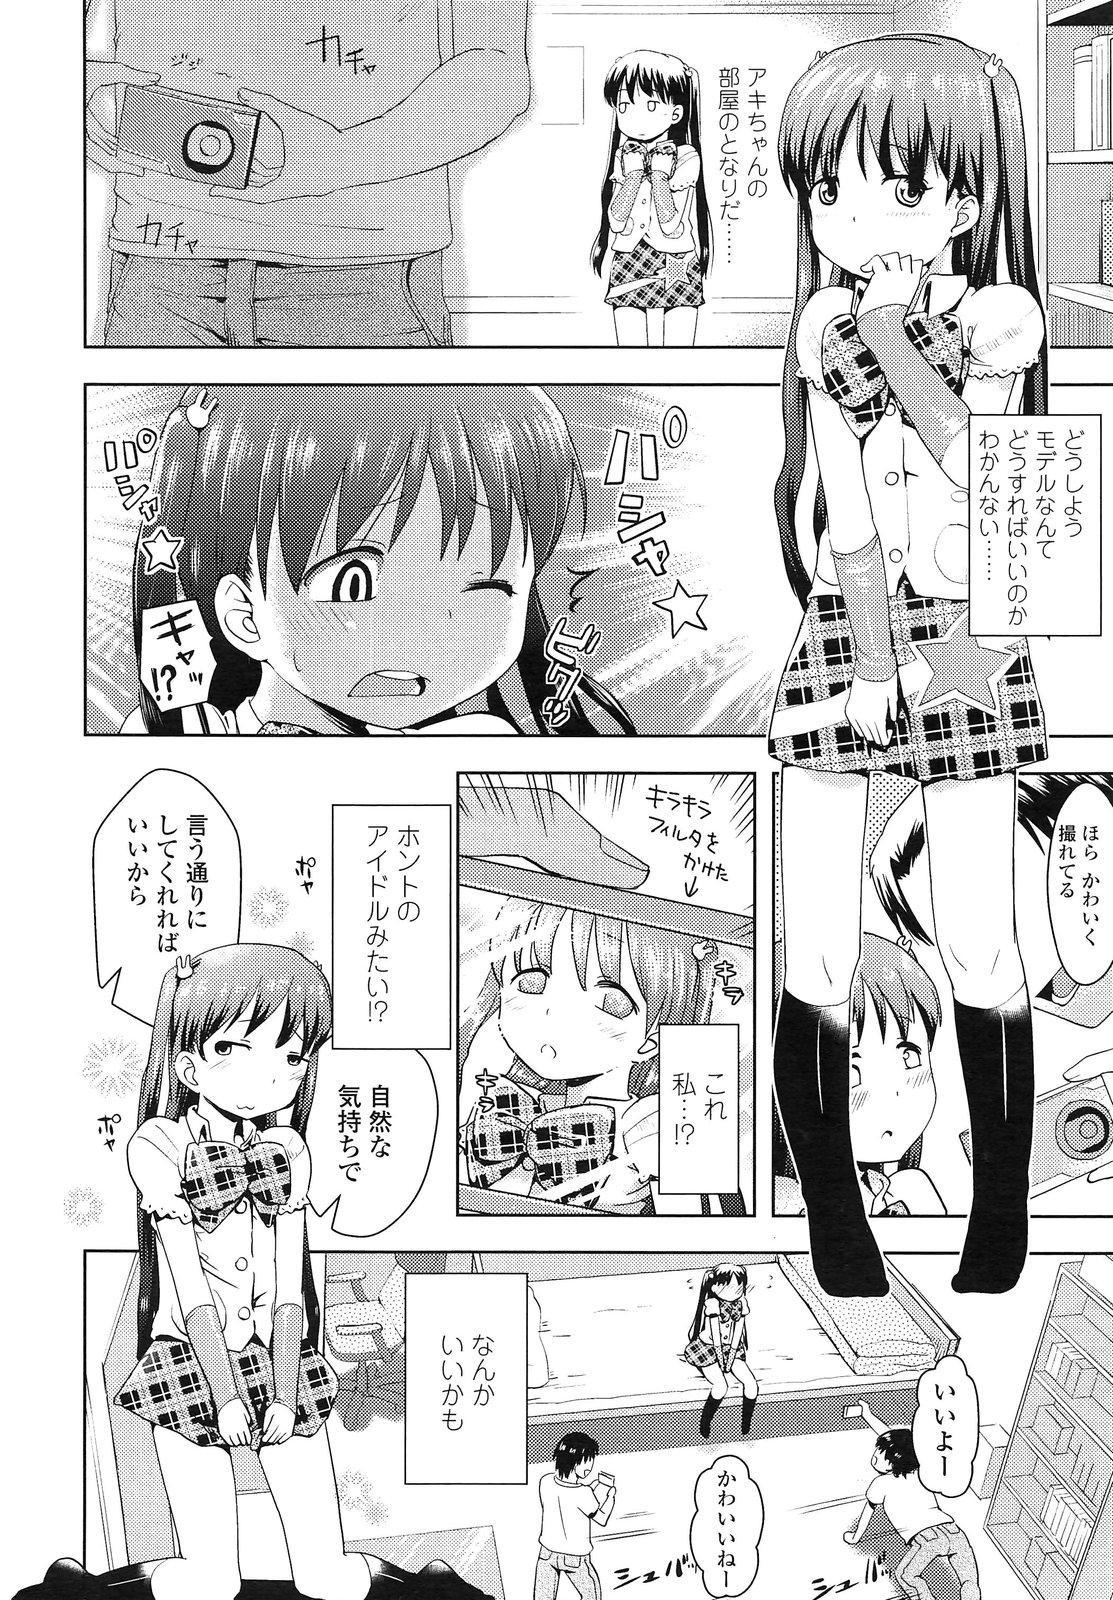 Idol tte Kimochi Ii? Ch.1-2 10